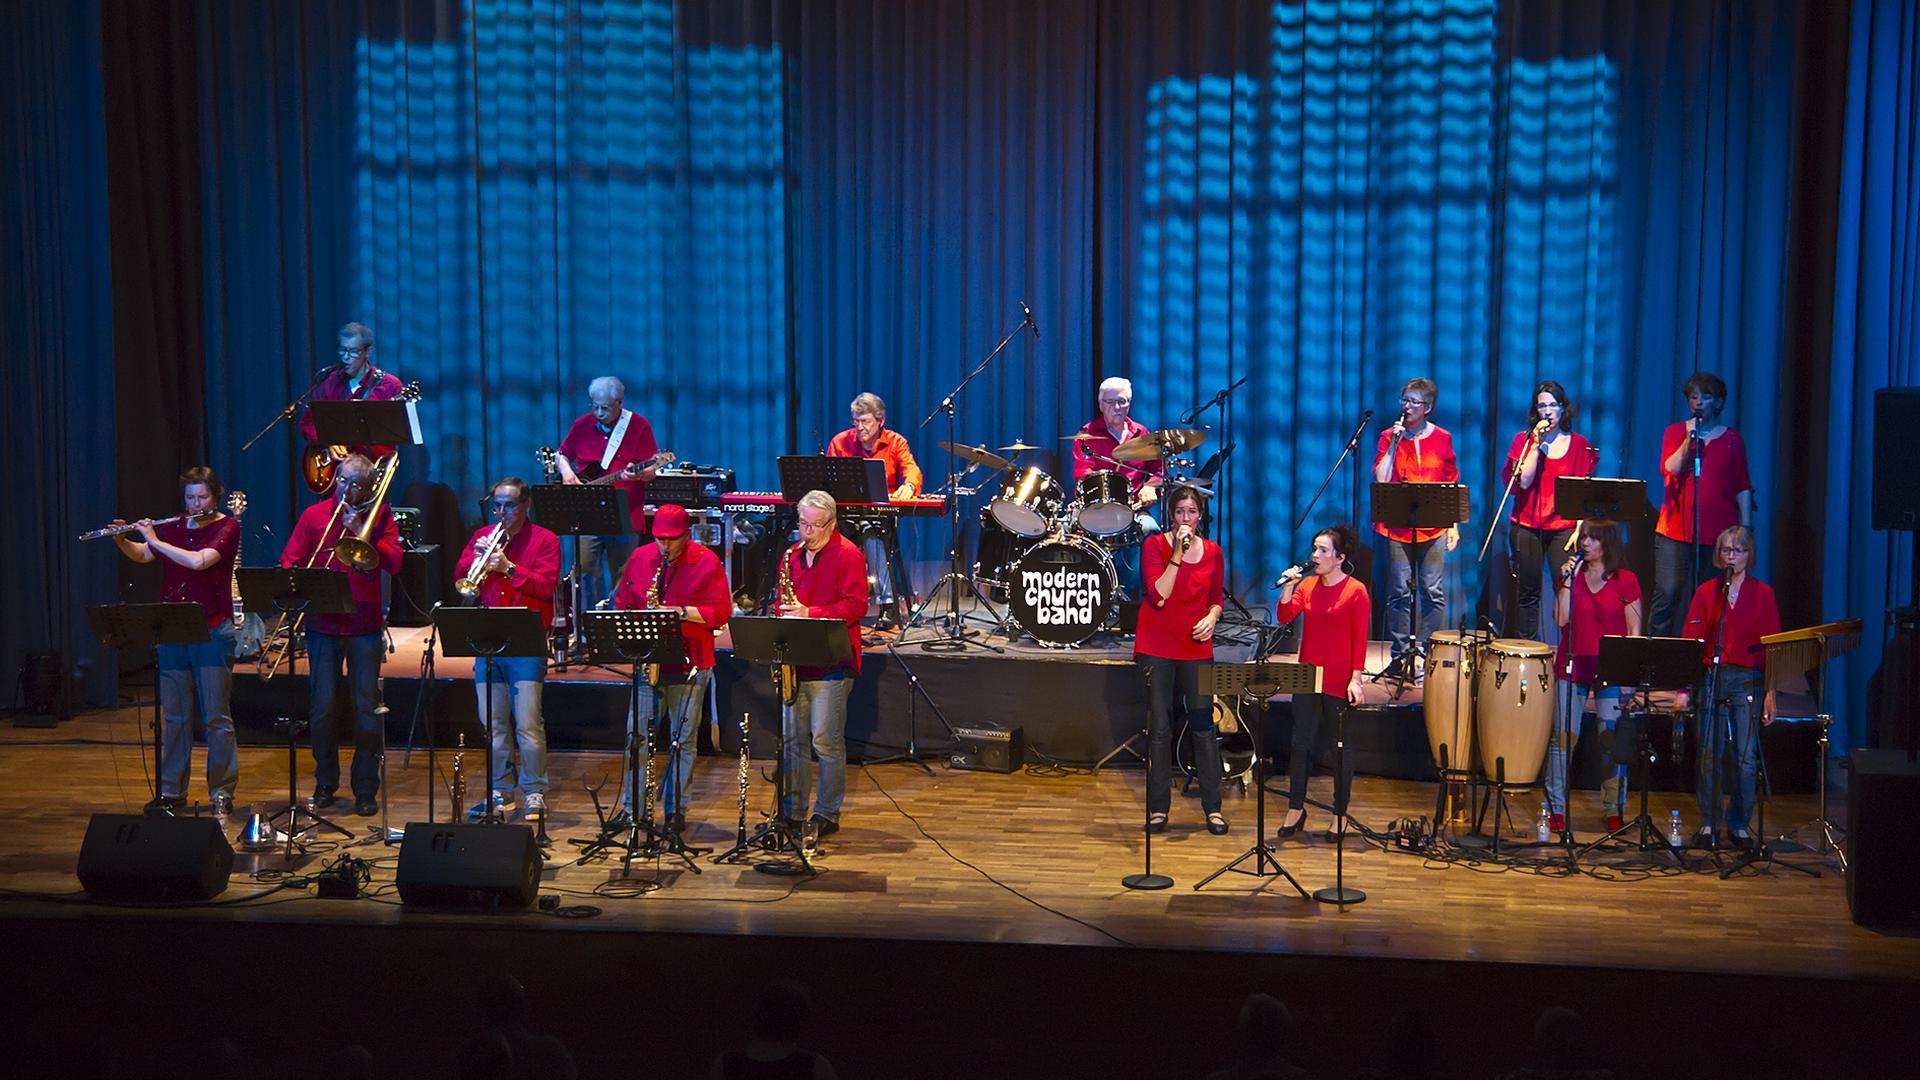 """Benefizkonzert: Die Modern Church Band hat am Samstag, 24. Juli, einen Auftritt  zugunsten der BNN-Stiftung """"Wir helfen"""" im Burggarten der Hoepfner-Brauerei."""